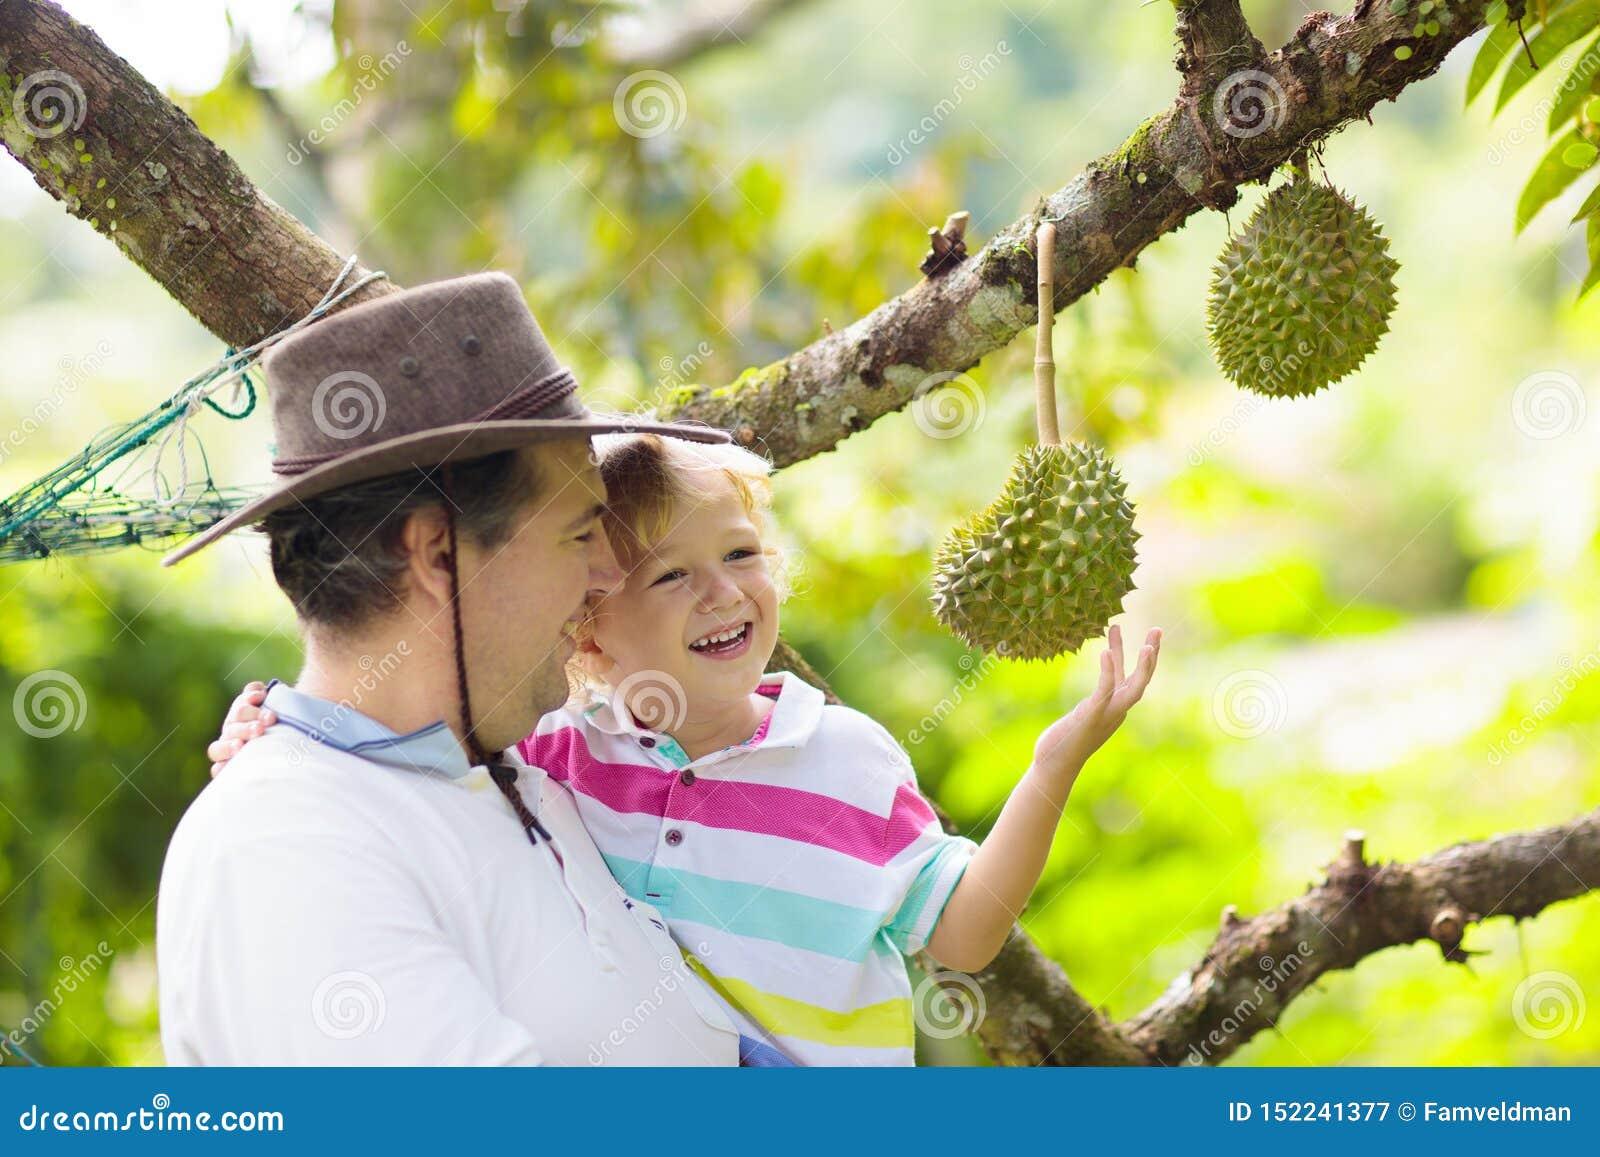 Vader en kind plukken durian van boom